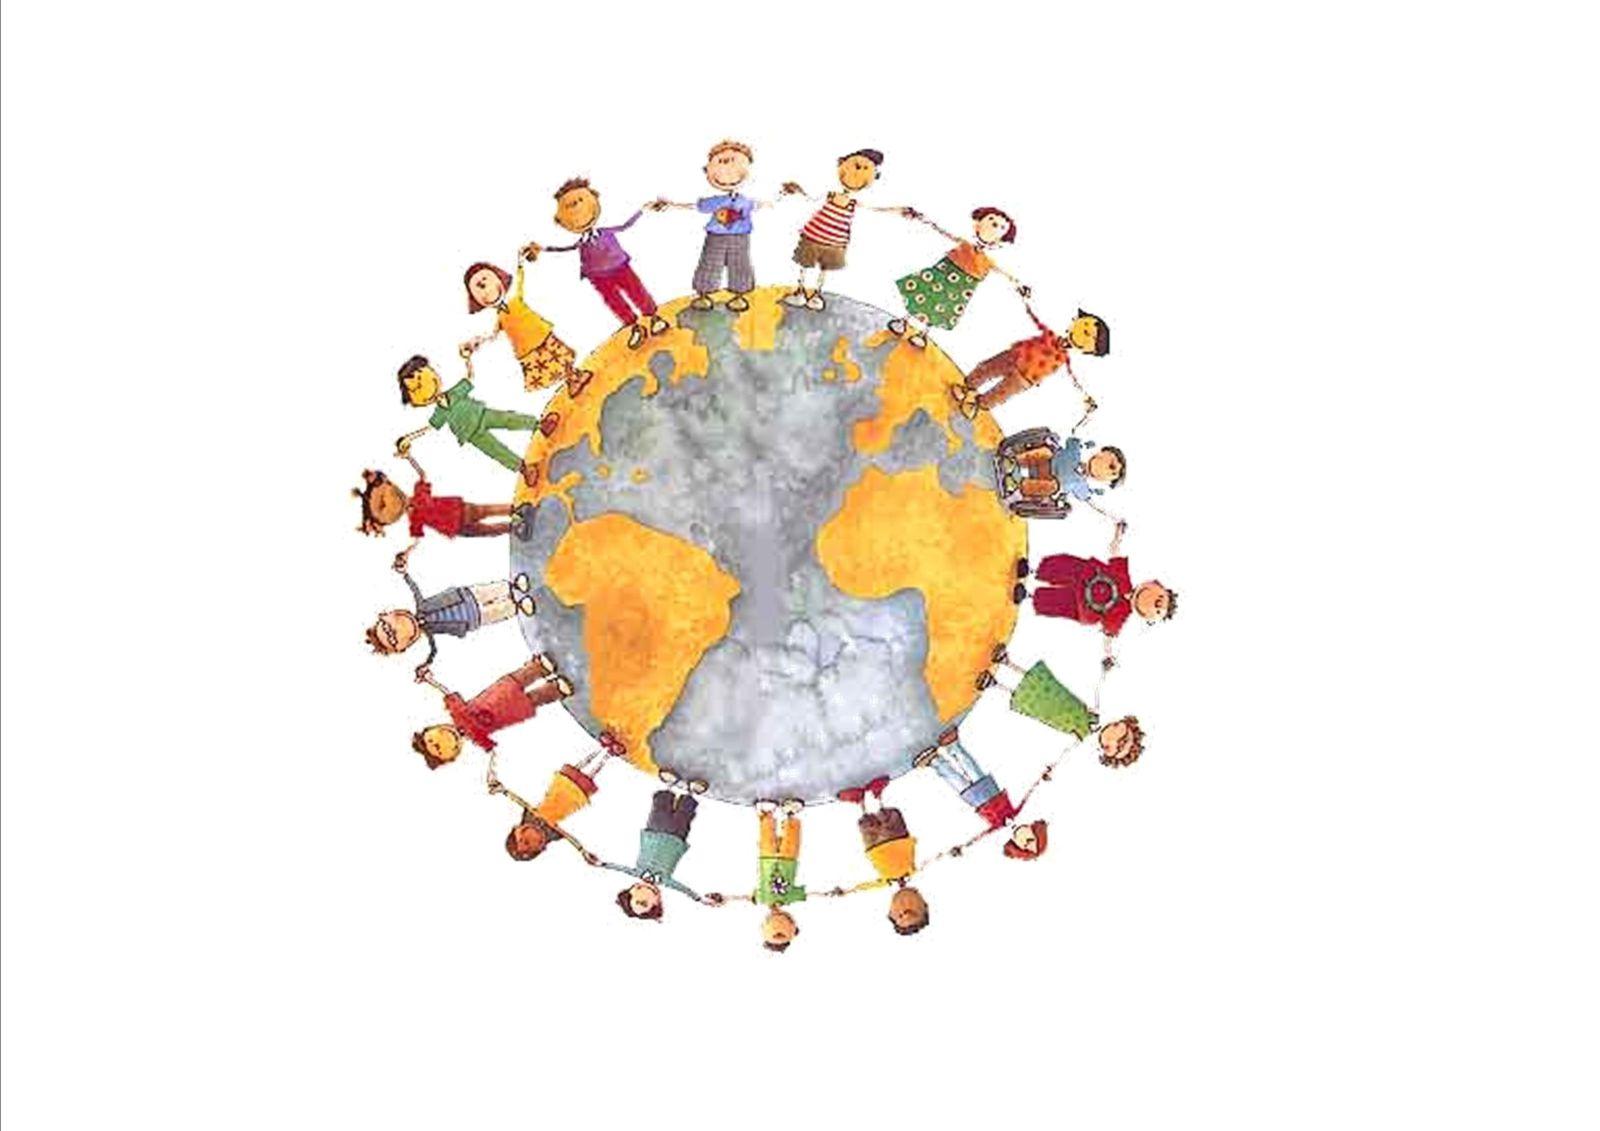 Prière universelle 13ème Dimanche du Temps Ordinaire - 30 juin 2013 Année C